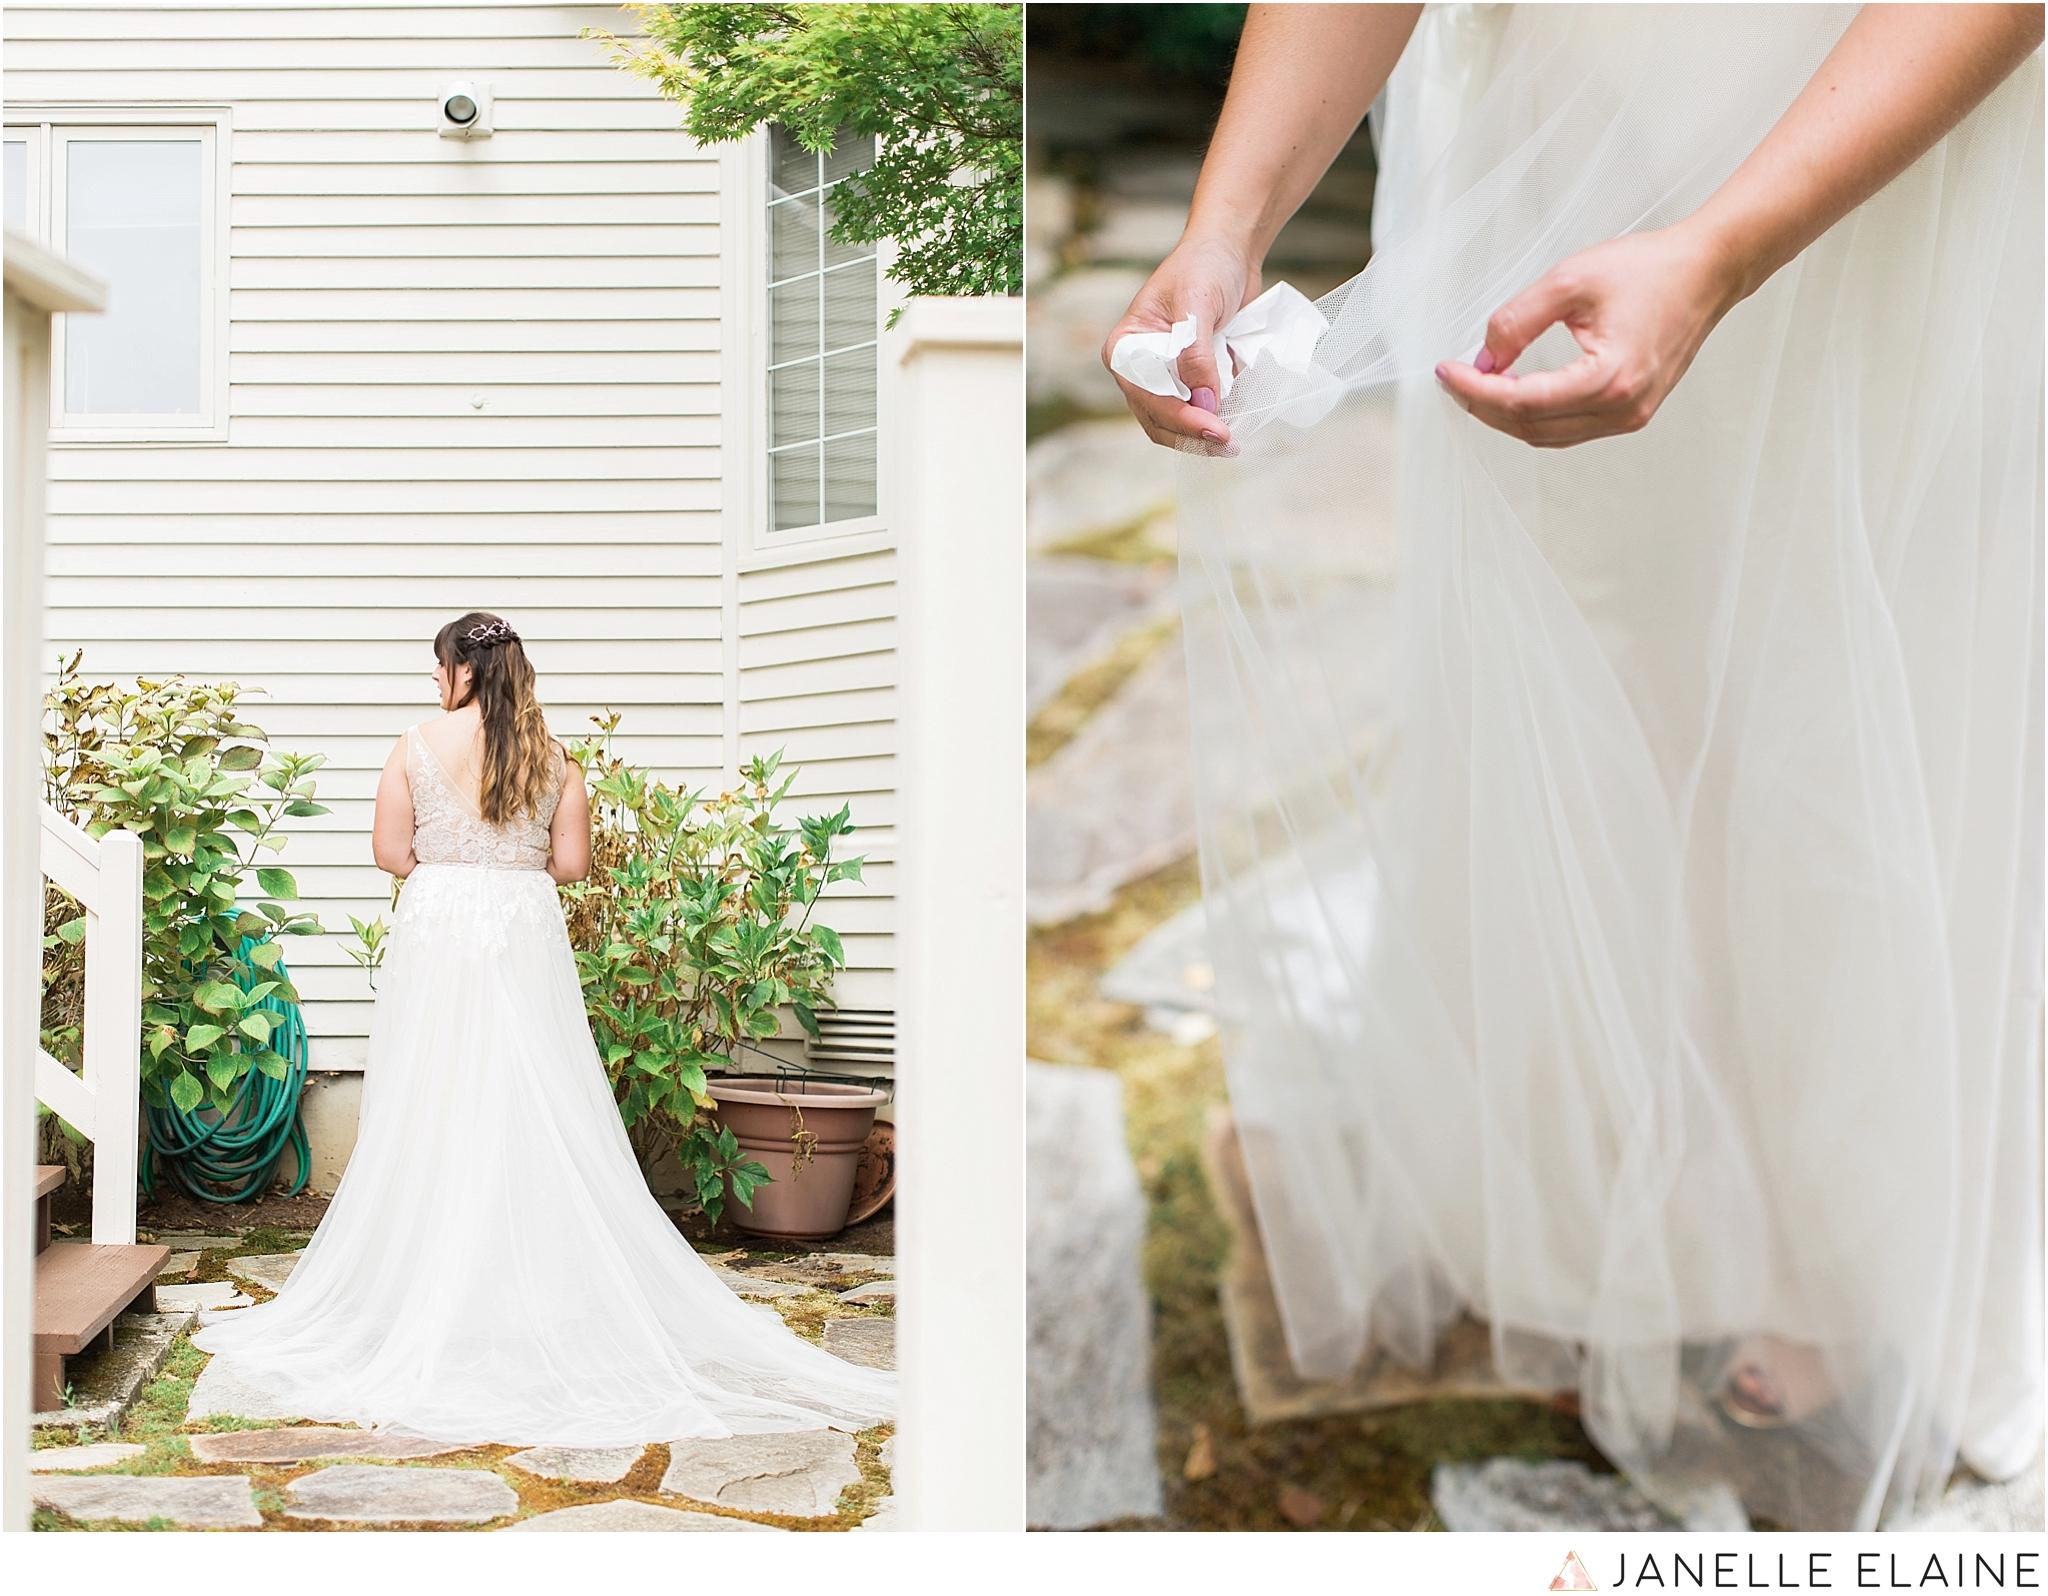 seattle-portrait-engagement-wedding-photographer-janelle-elaine-photography-9.jpg